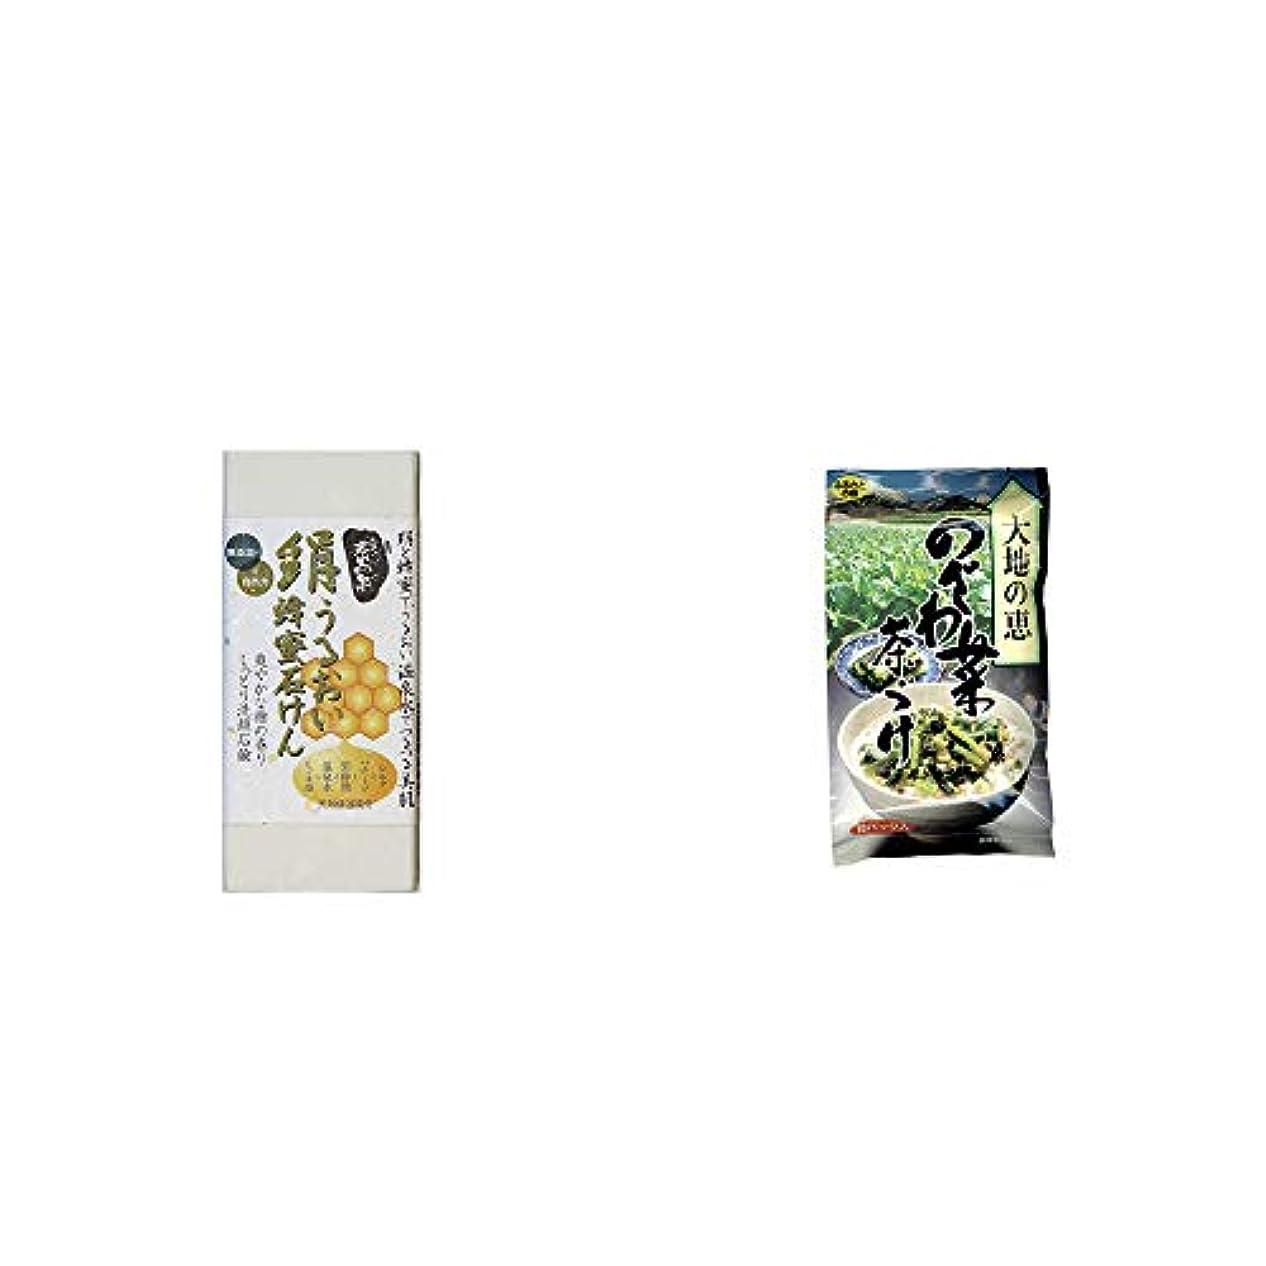 独立子猫調整[2点セット] ひのき炭黒泉 絹うるおい蜂蜜石けん(75g×2)?特選茶漬け 大地の恵 のざわ菜茶づけ(10袋入)